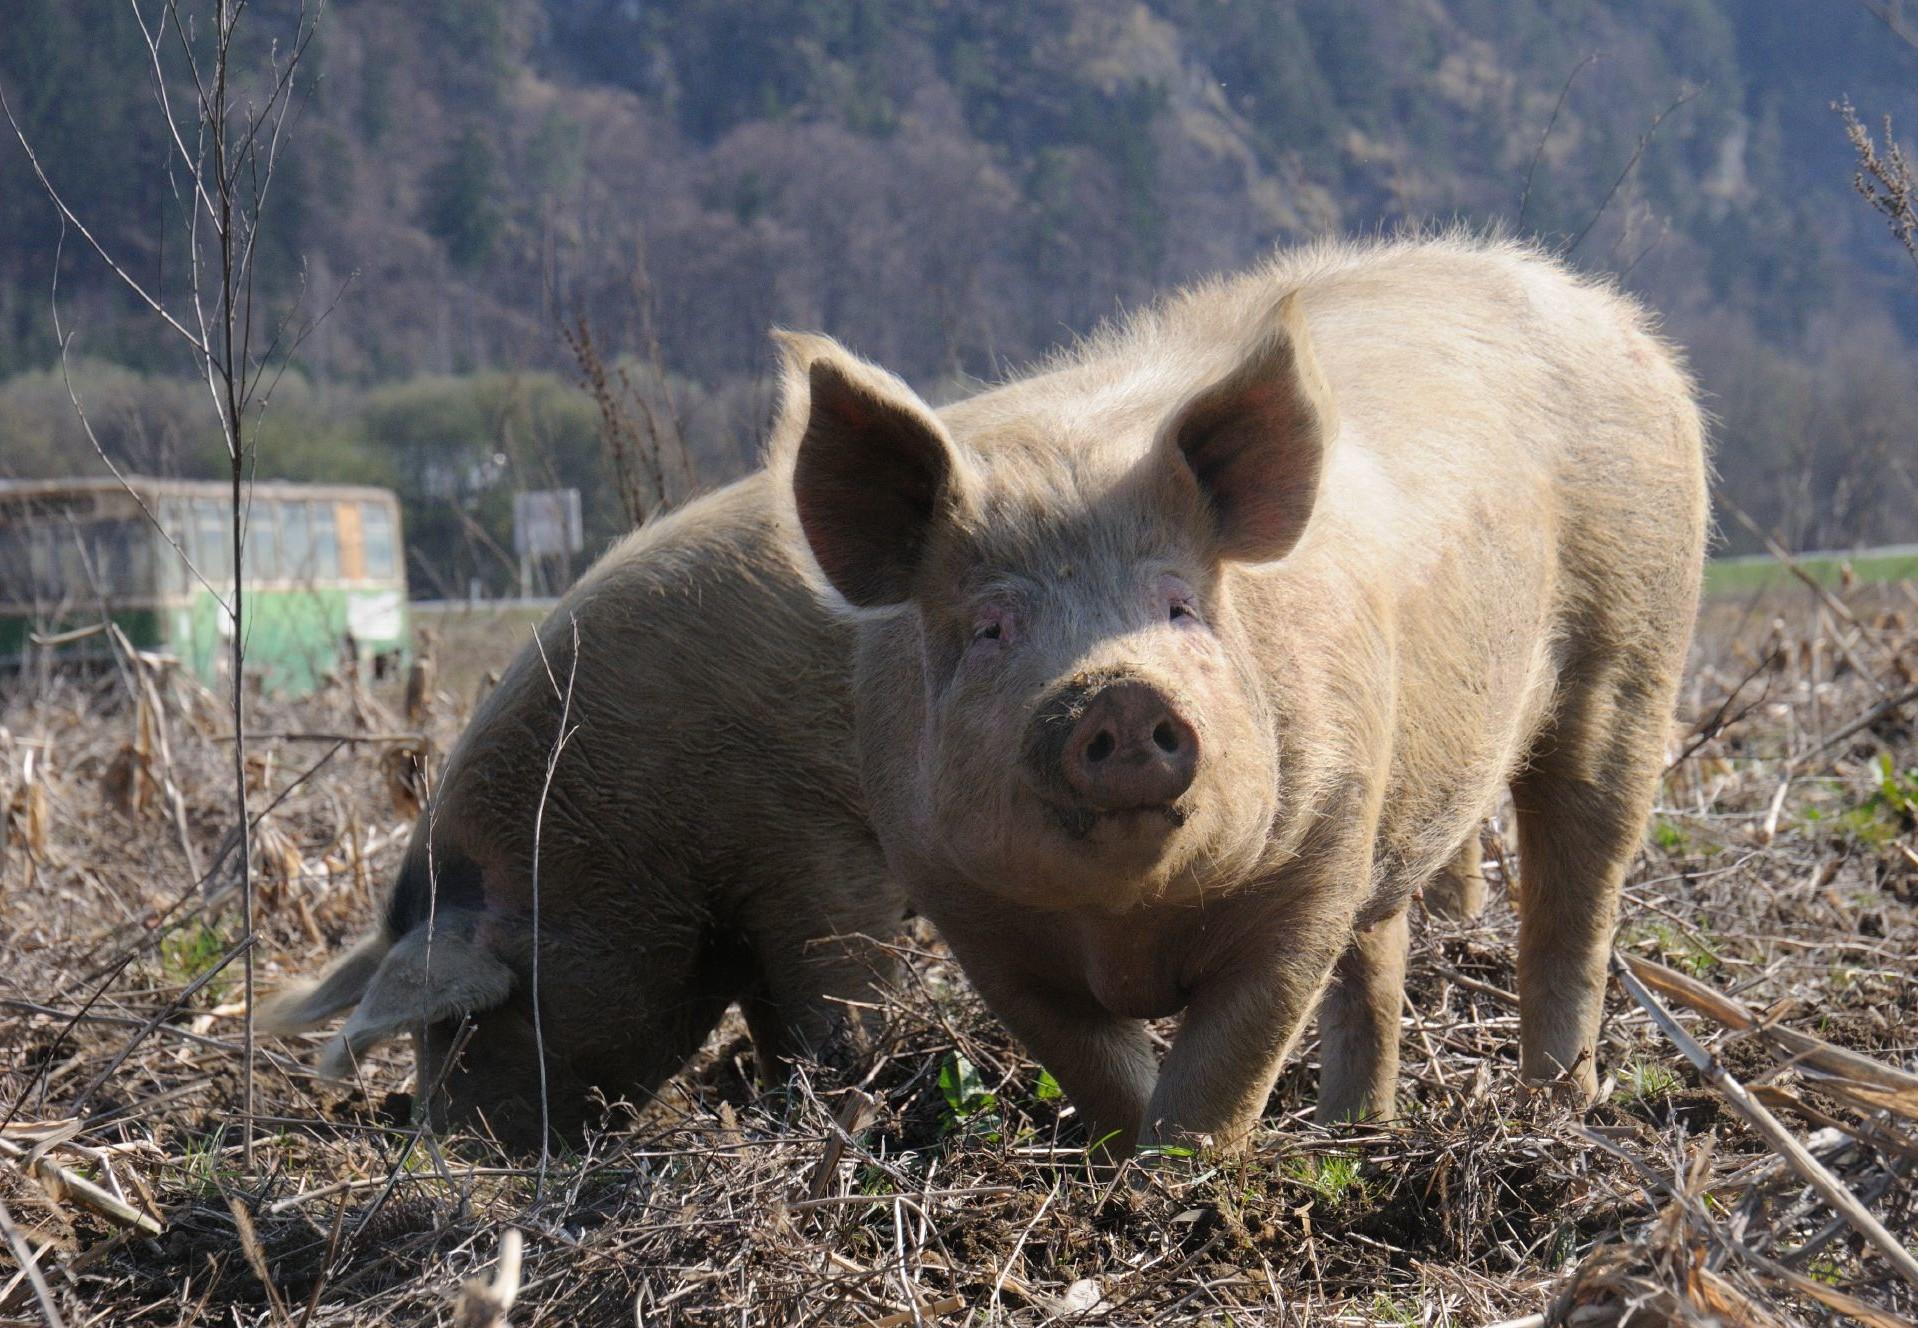 Free range pigs enjoying the mud